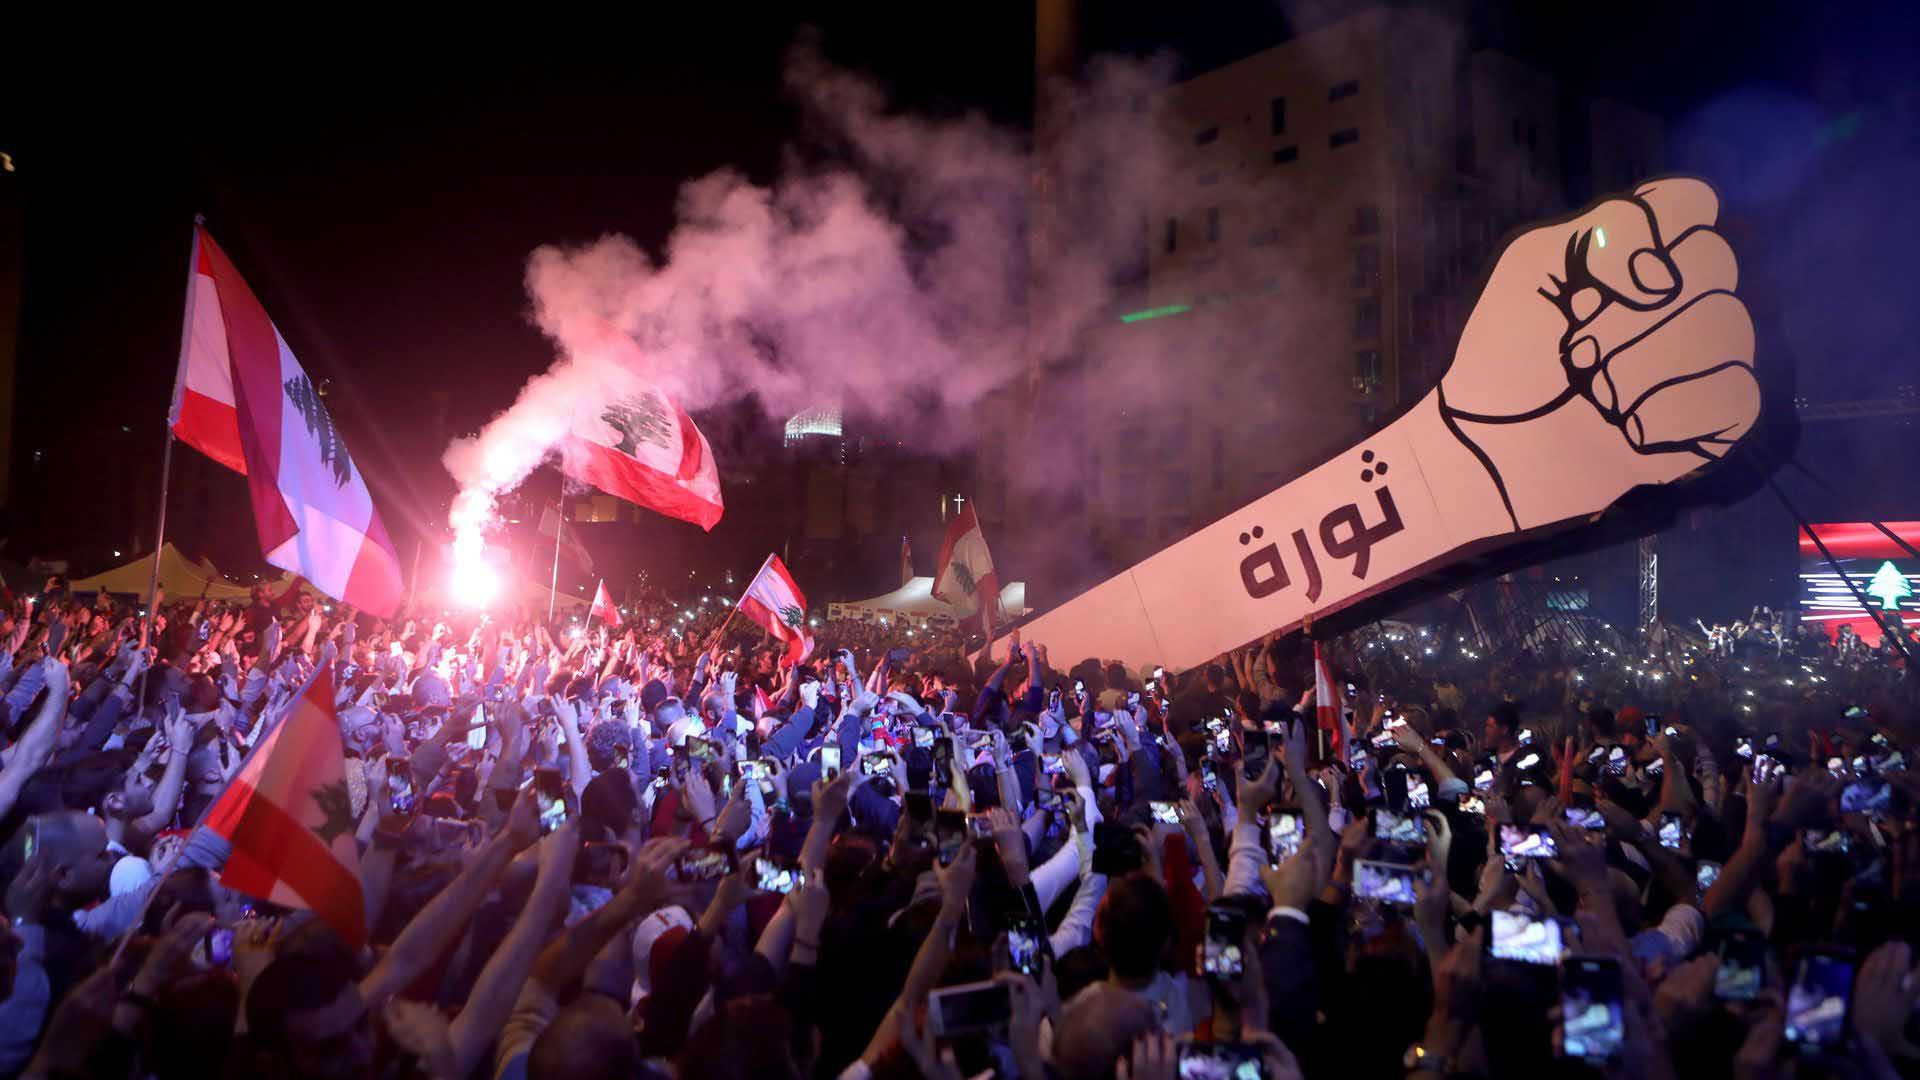 """إليزابيت بيكار: """"بين لبنان وسورية، لا يفعل كل منهما سوى مفاقمة مشكلات الآخر"""""""